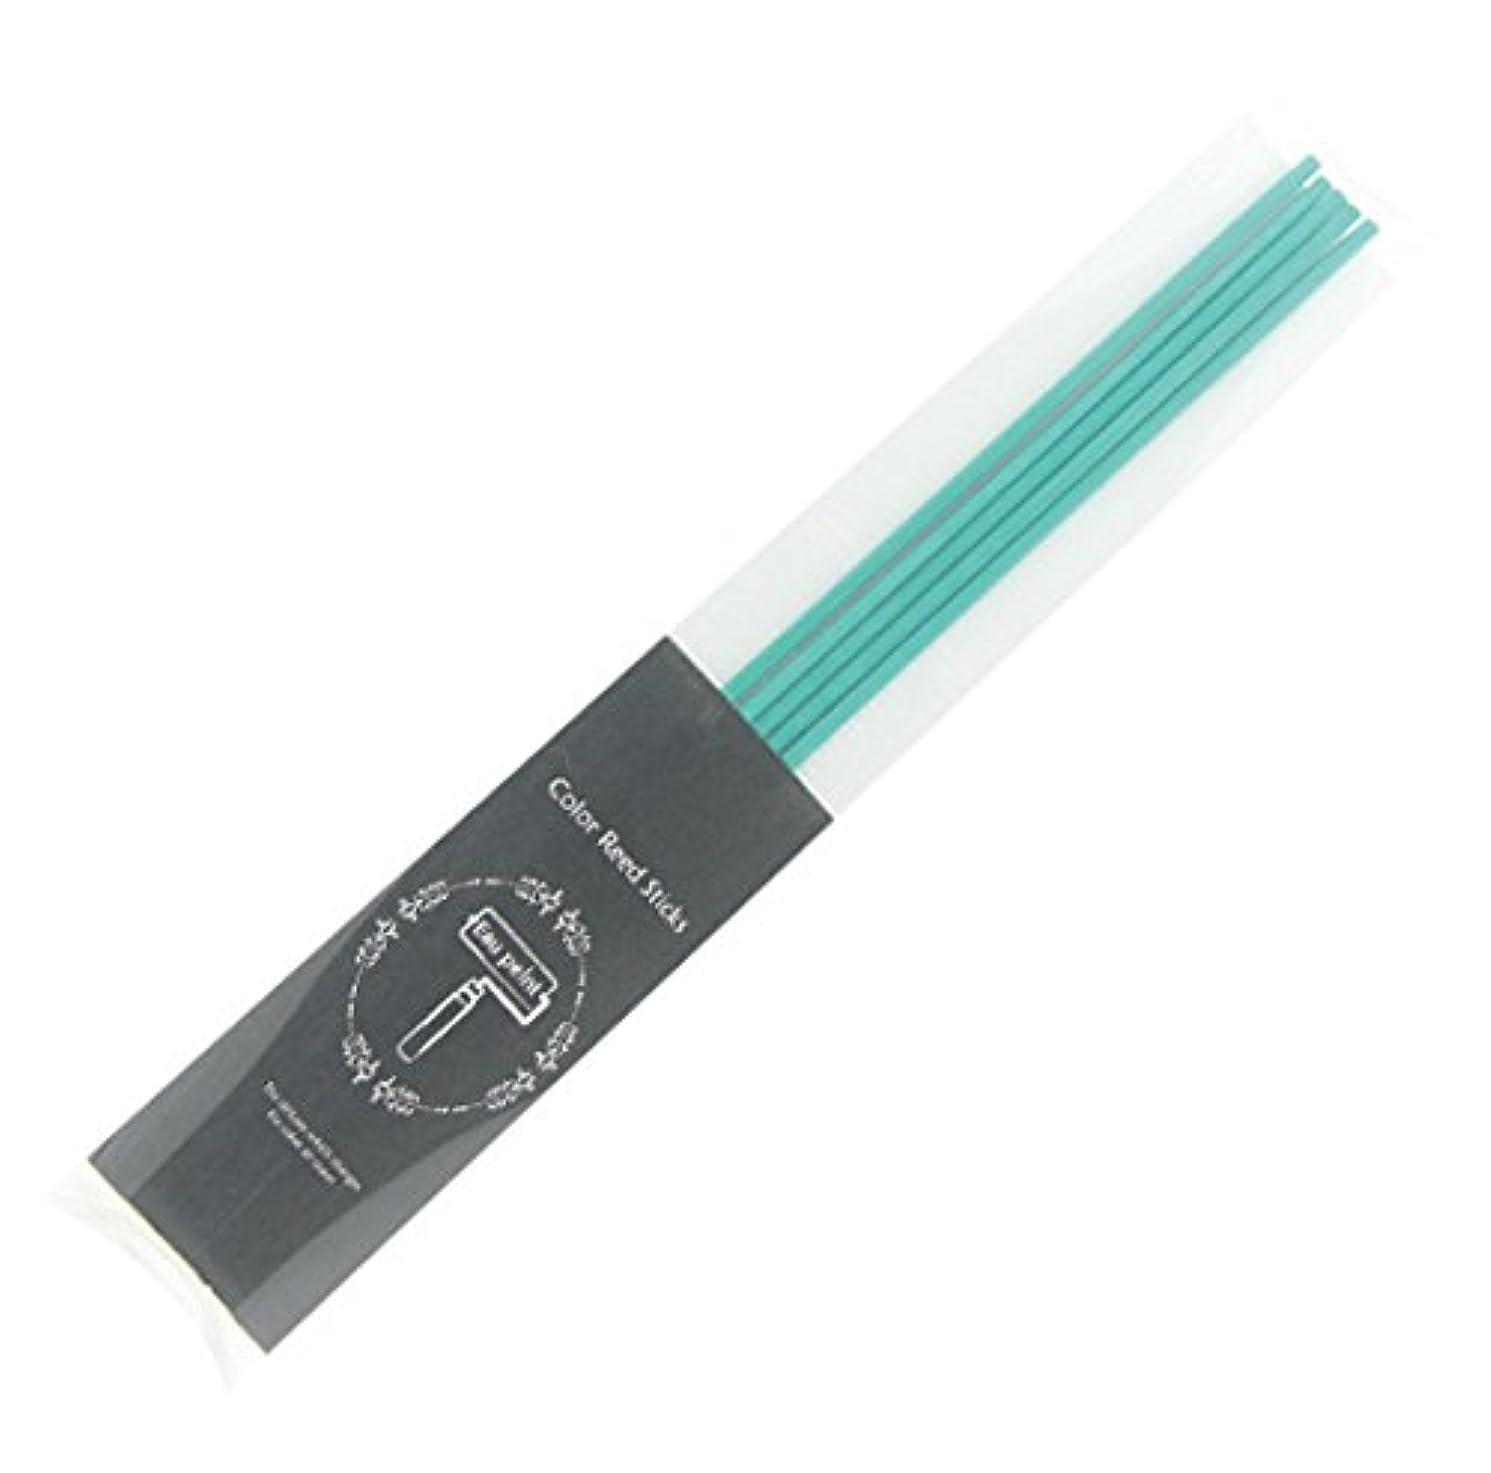 干ばつレビュー仕立て屋Eau peint mais+ カラースティック リードディフューザー用スティック 5本入 ターコイズ Turquoise オーペイント マイス